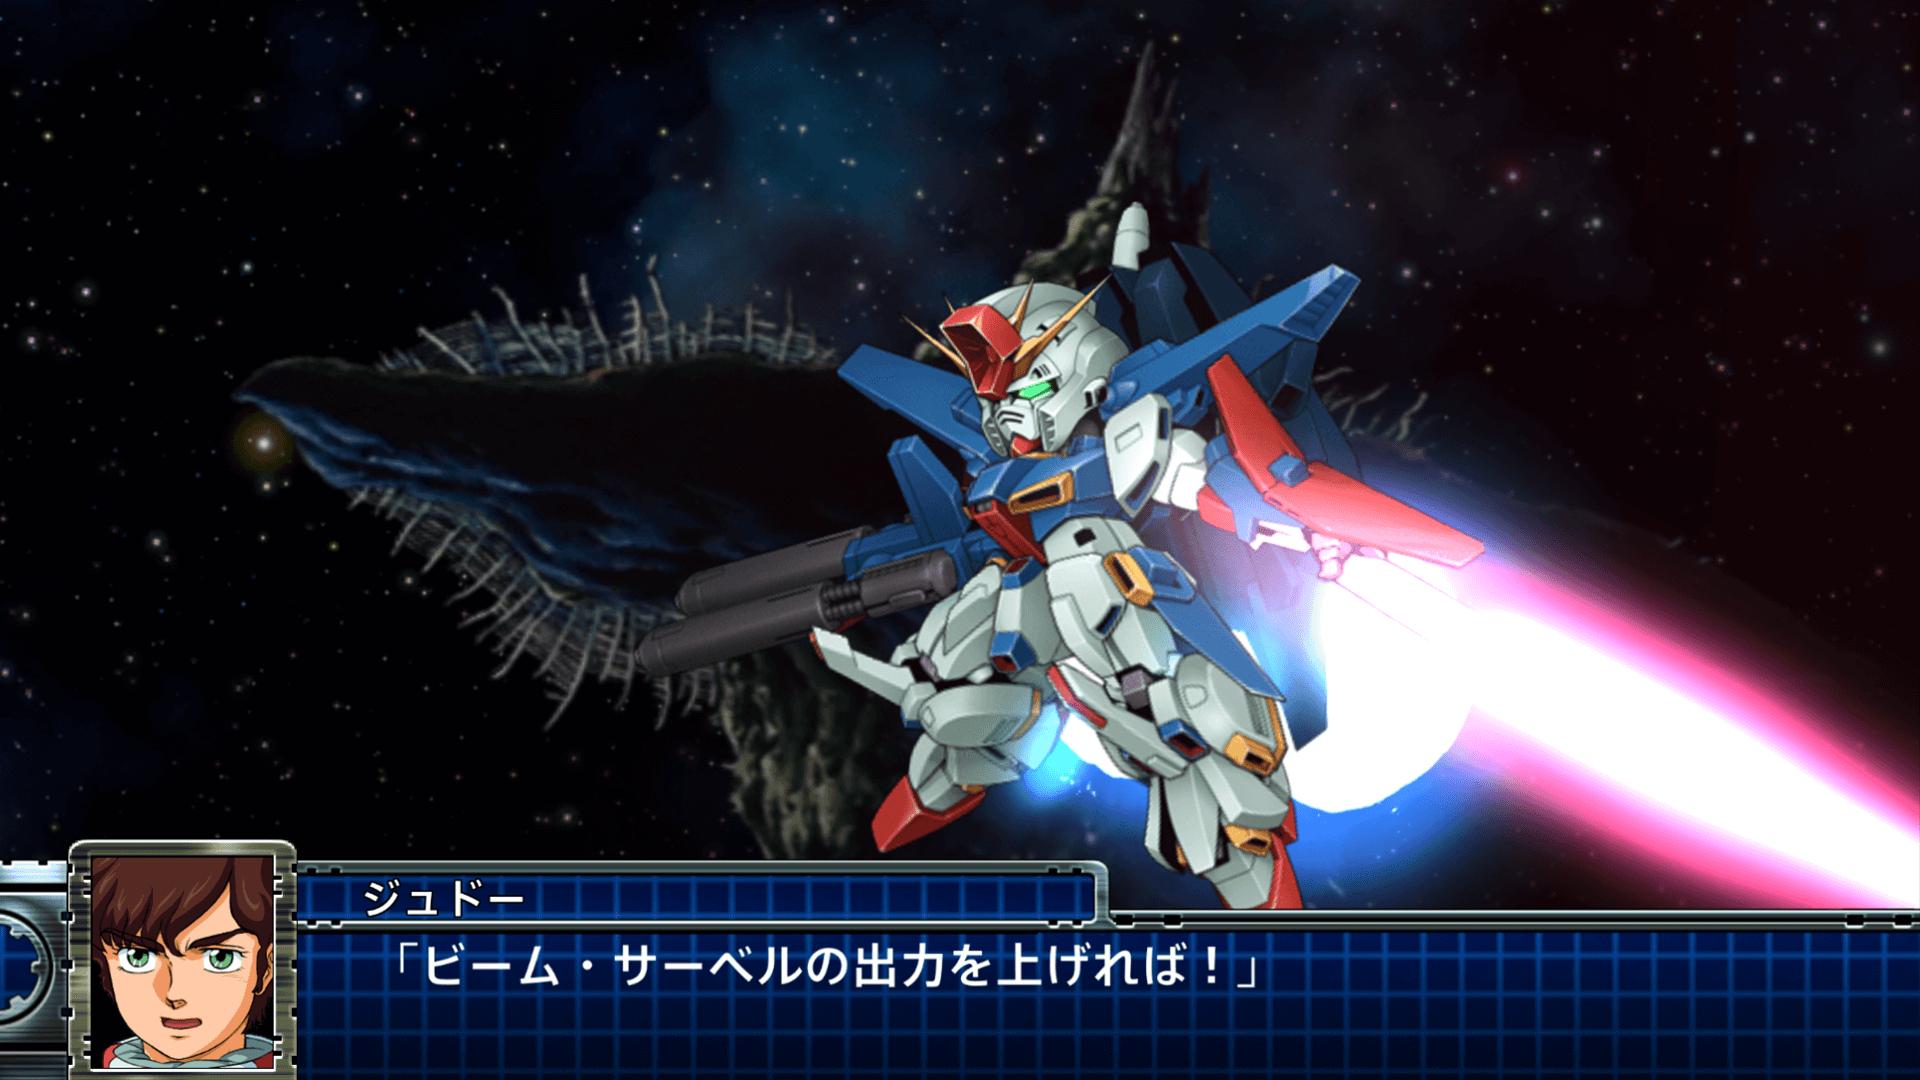 機動戦士ガンダムzz Character スーパーロボット大戦t